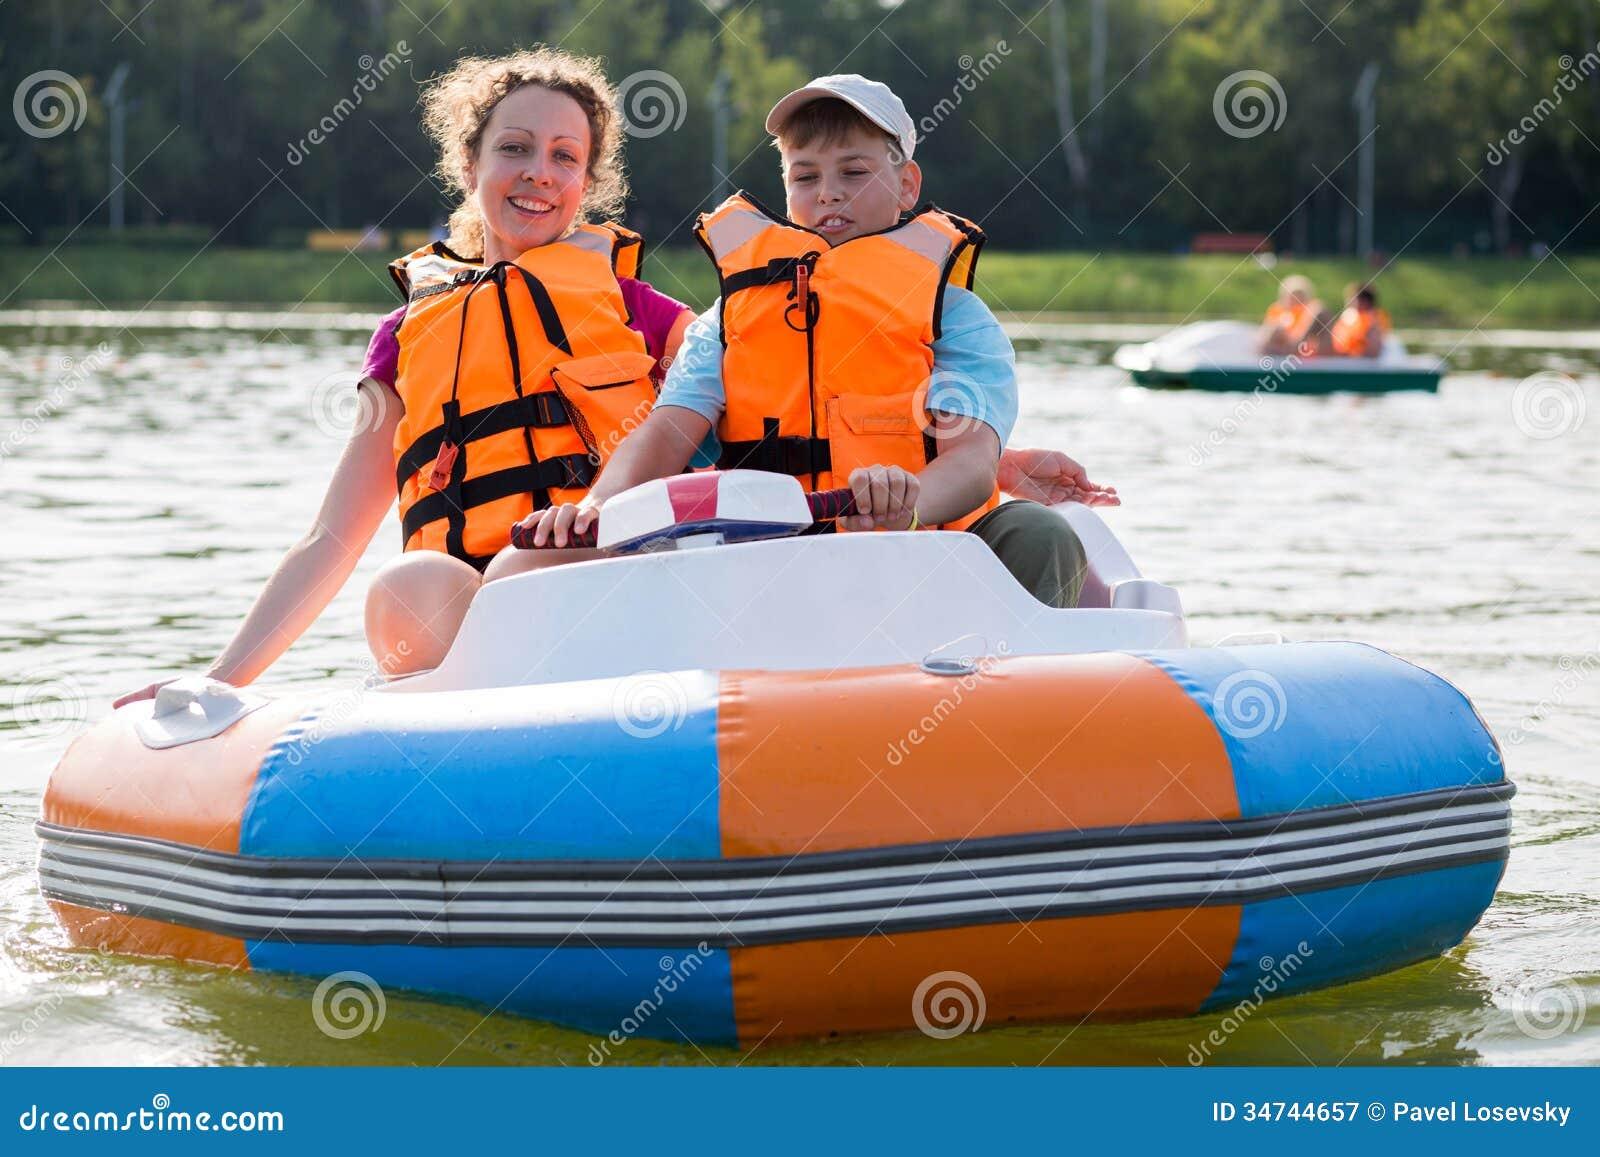 Syn i matka w kamizelkach ratunkowych unosi się w dół rzekę